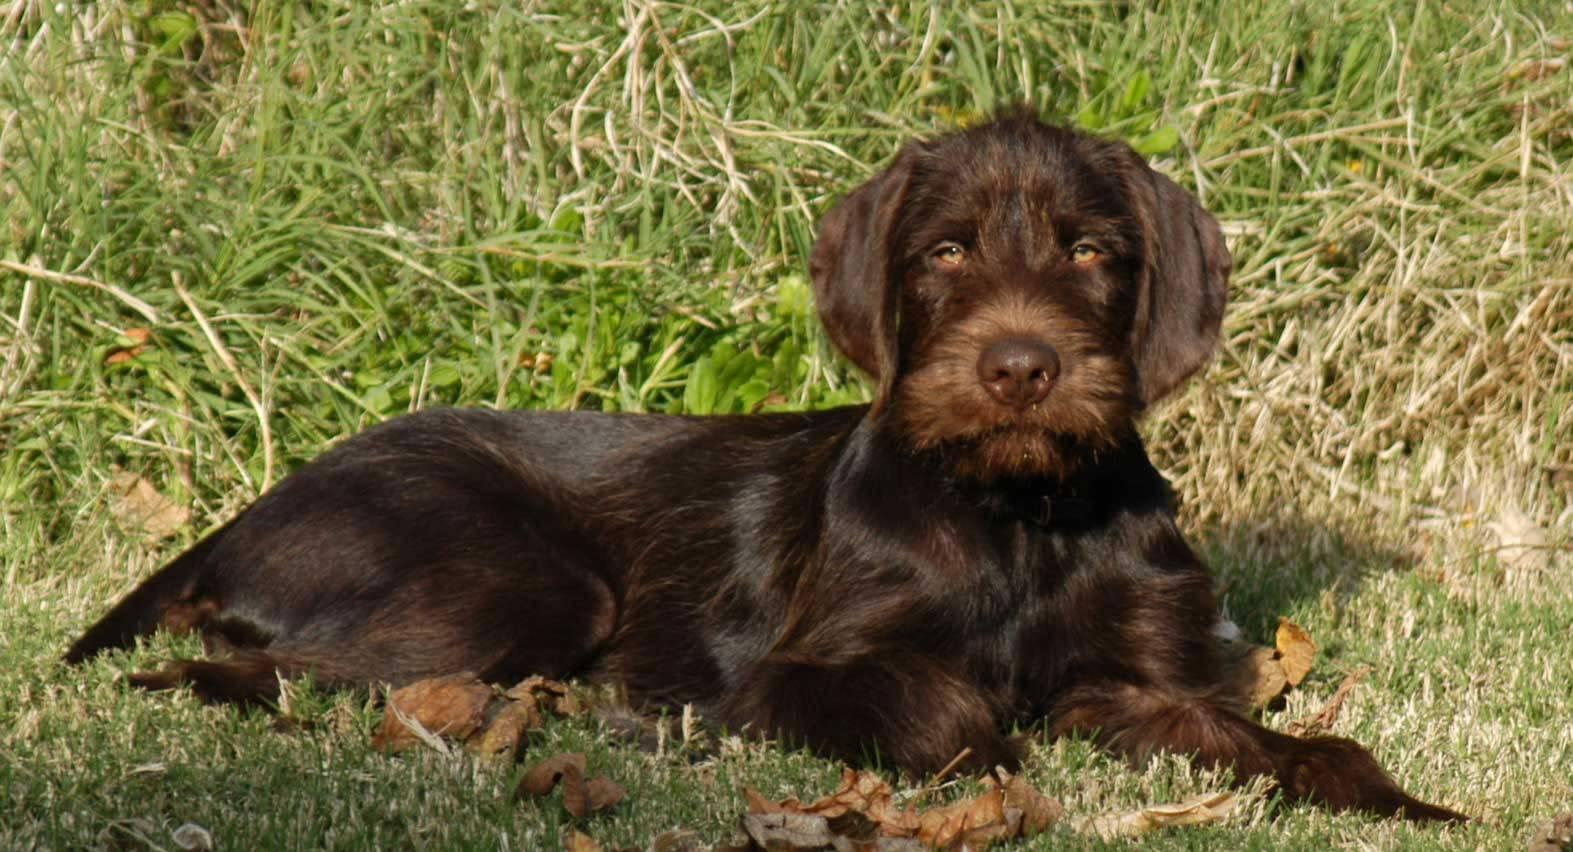 Пудель: все о собаке, фото, описание породы, характер, цена